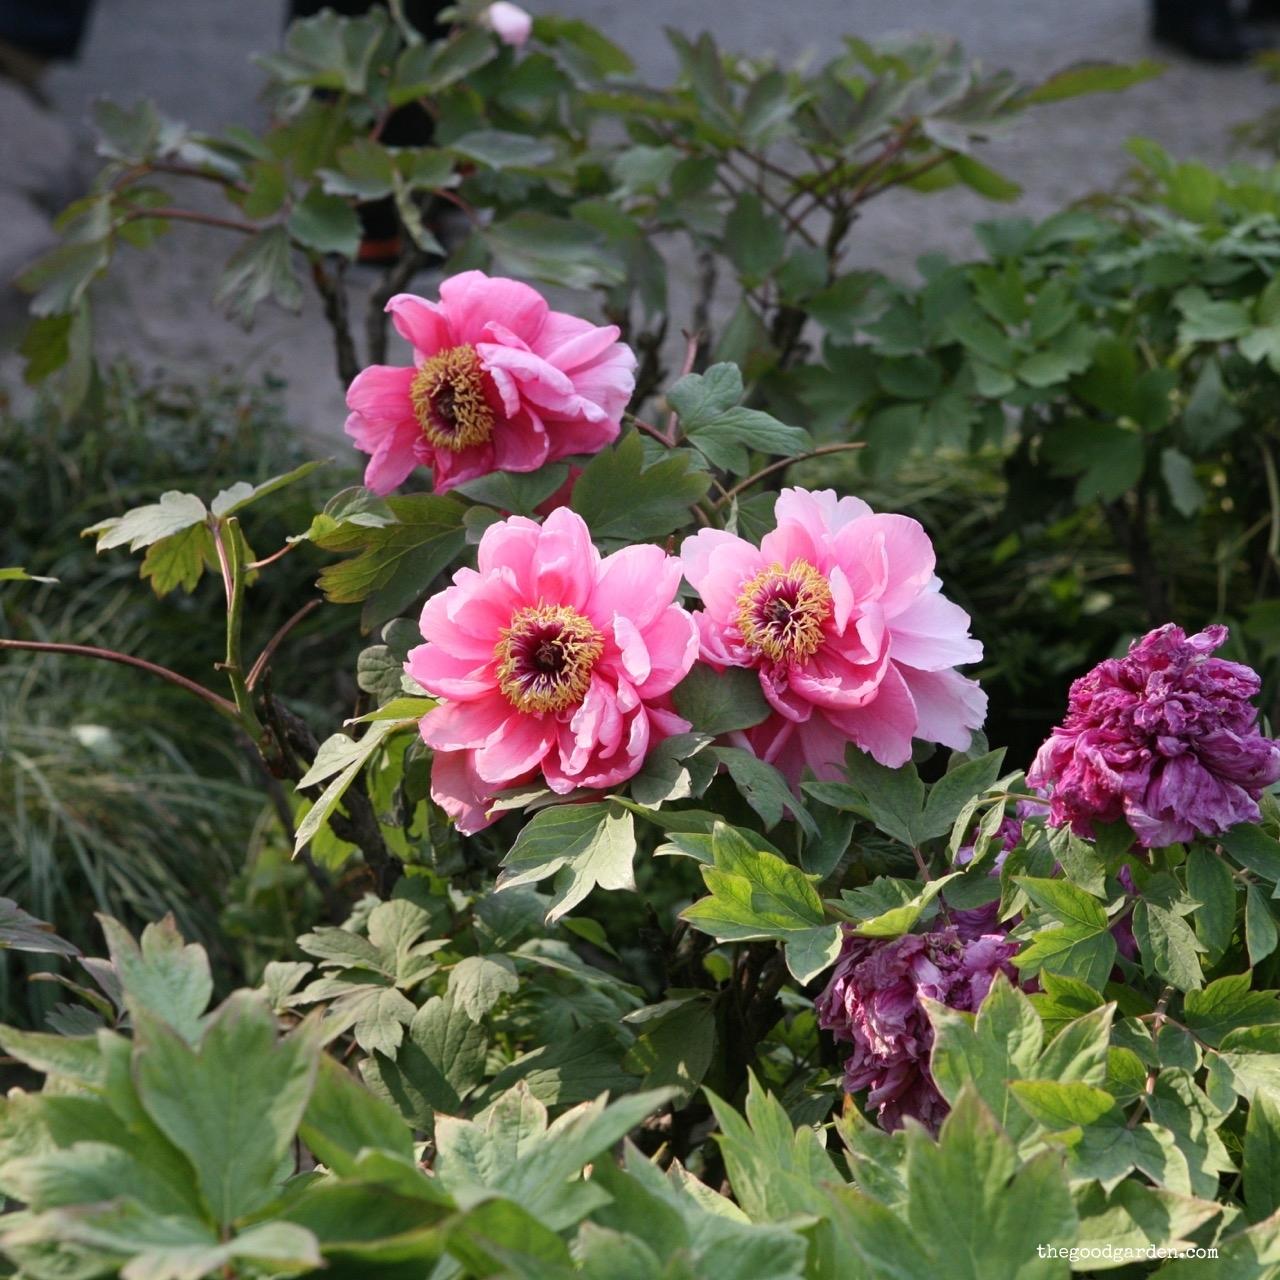 thegoodgarden|Suzhou|humbleadministratorsgarden|5262.jpg